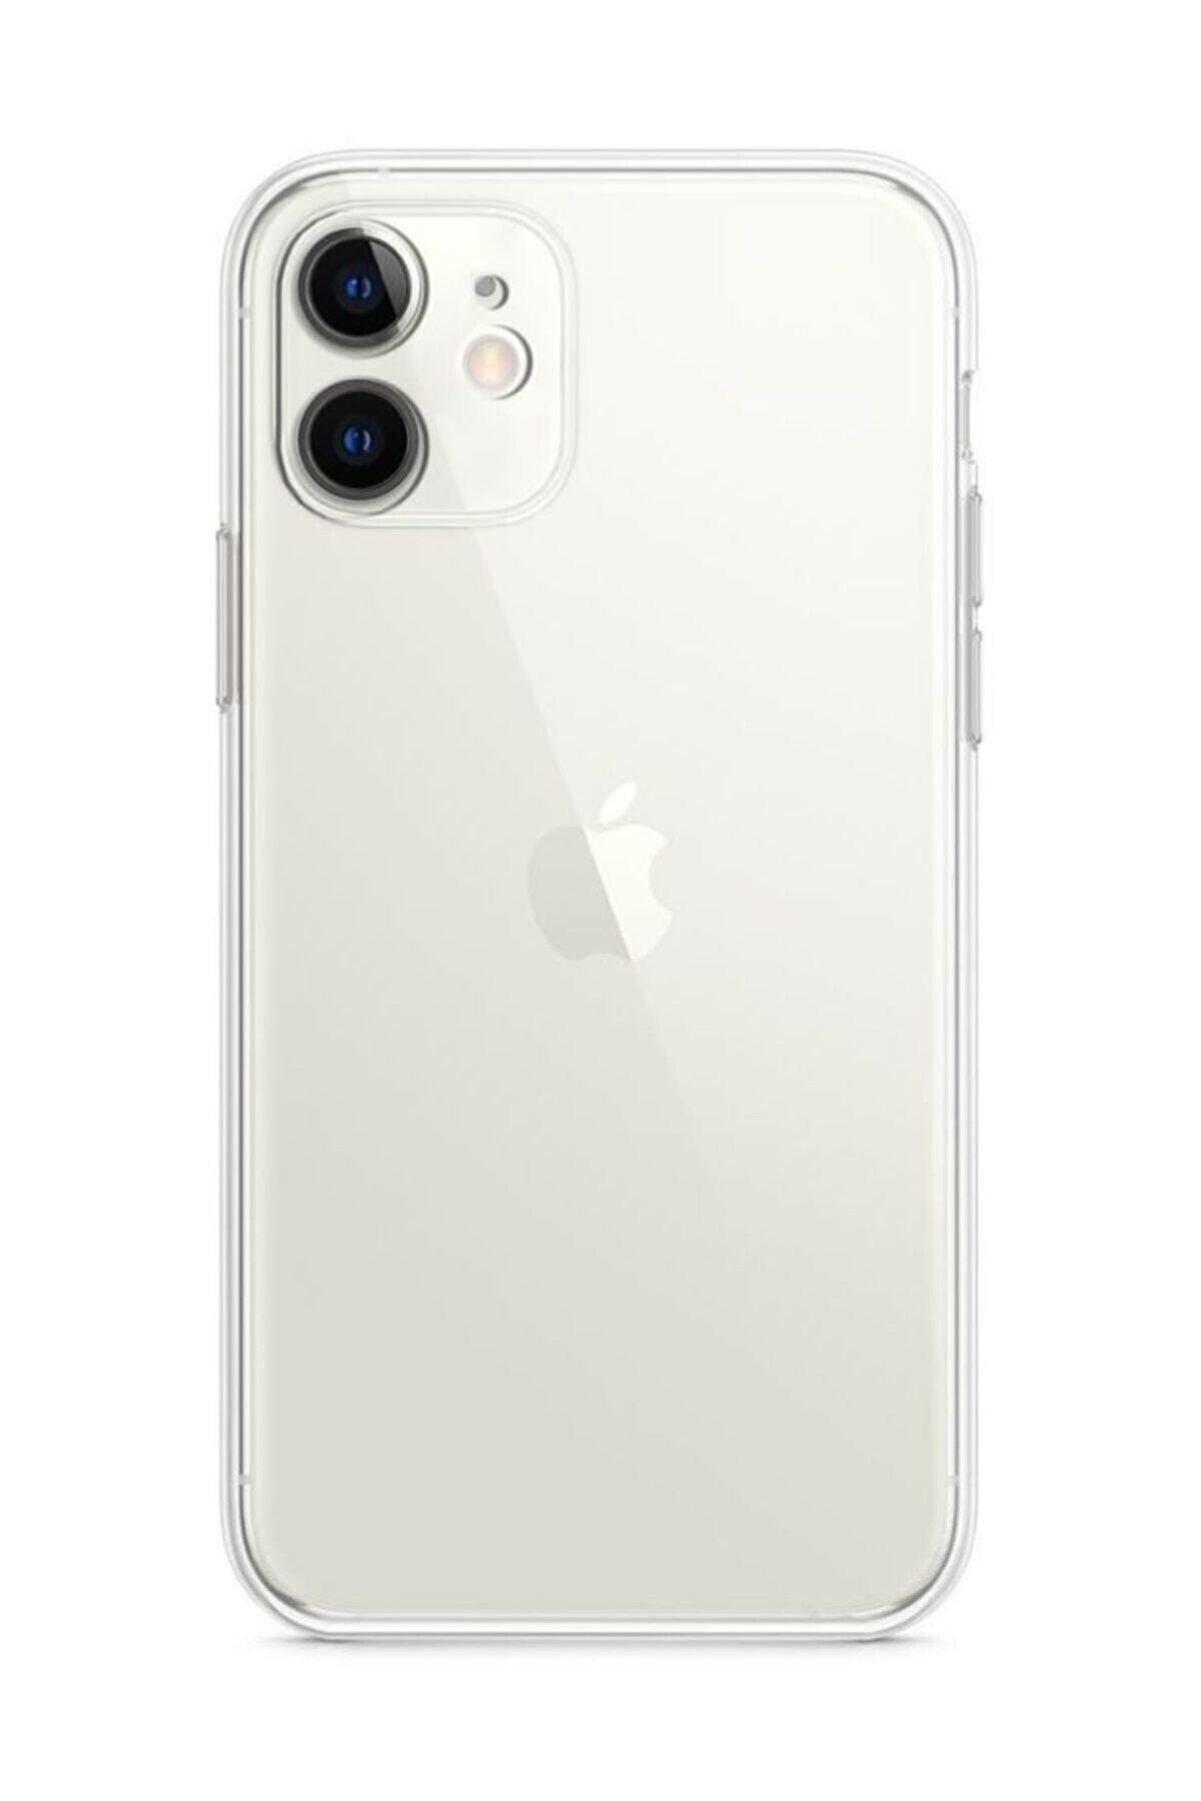 VizonCase Iphone 11 - Tıpalı Kamera Korumalı Silikon Kapak Şeffaf